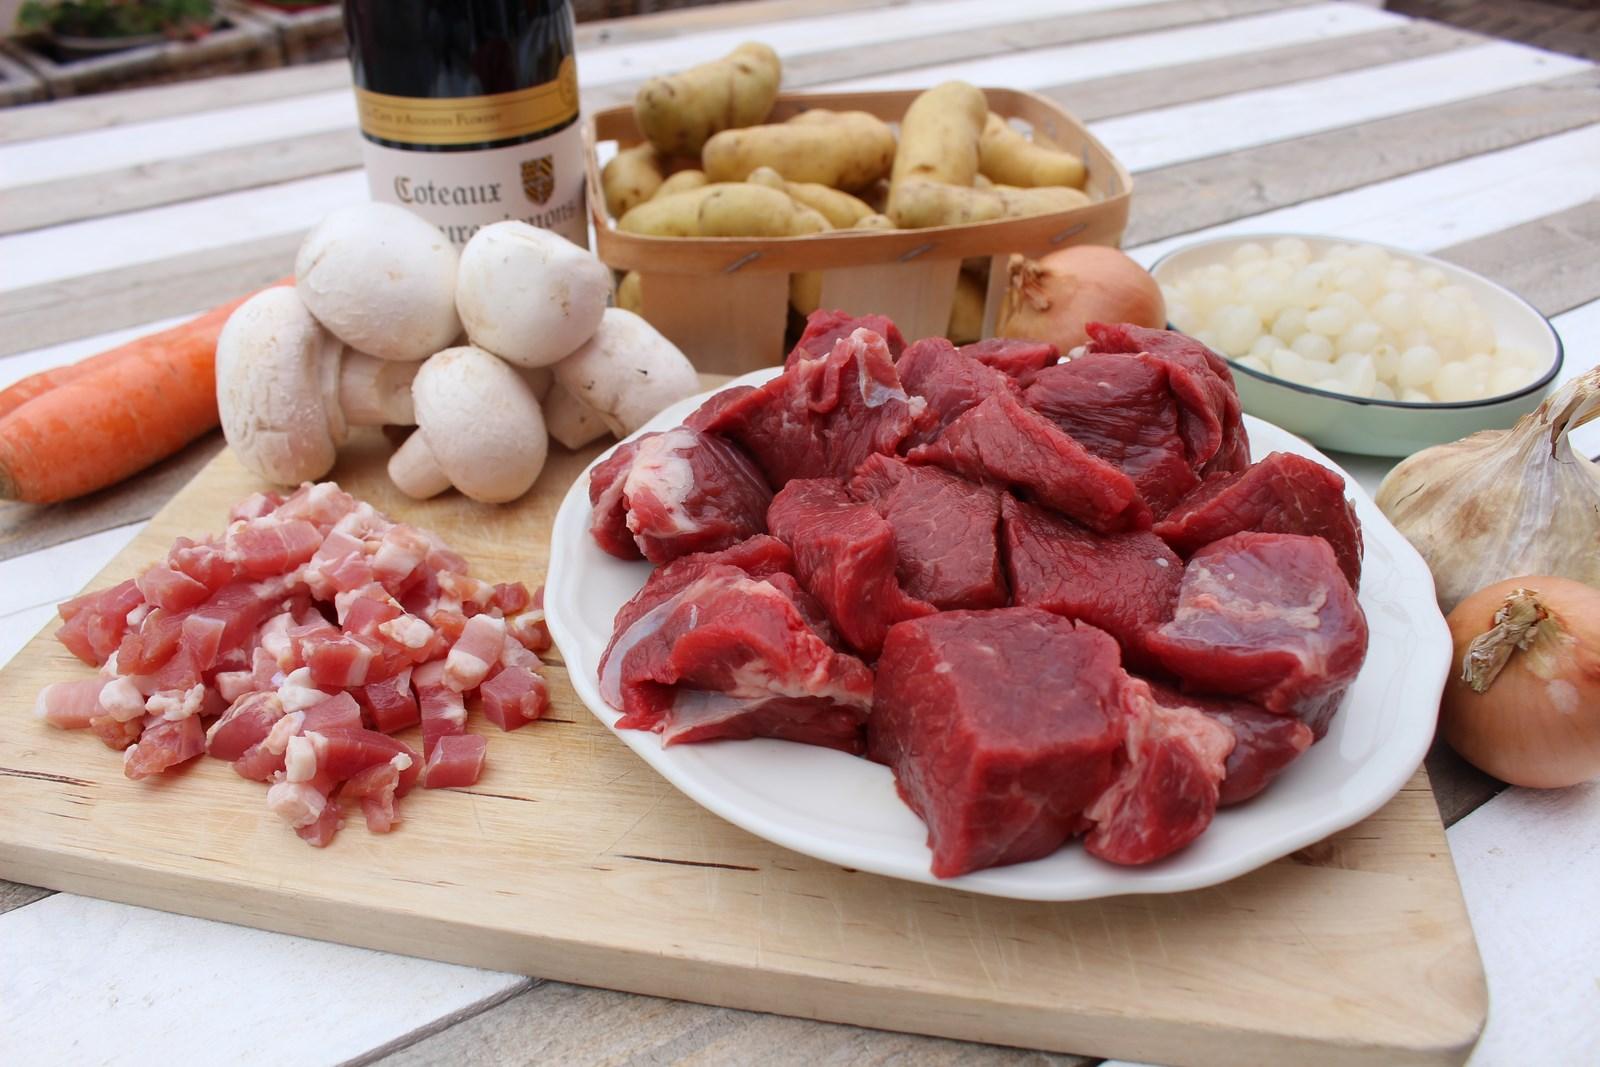 RECETTE // Bœuf bourguignon, tradition française